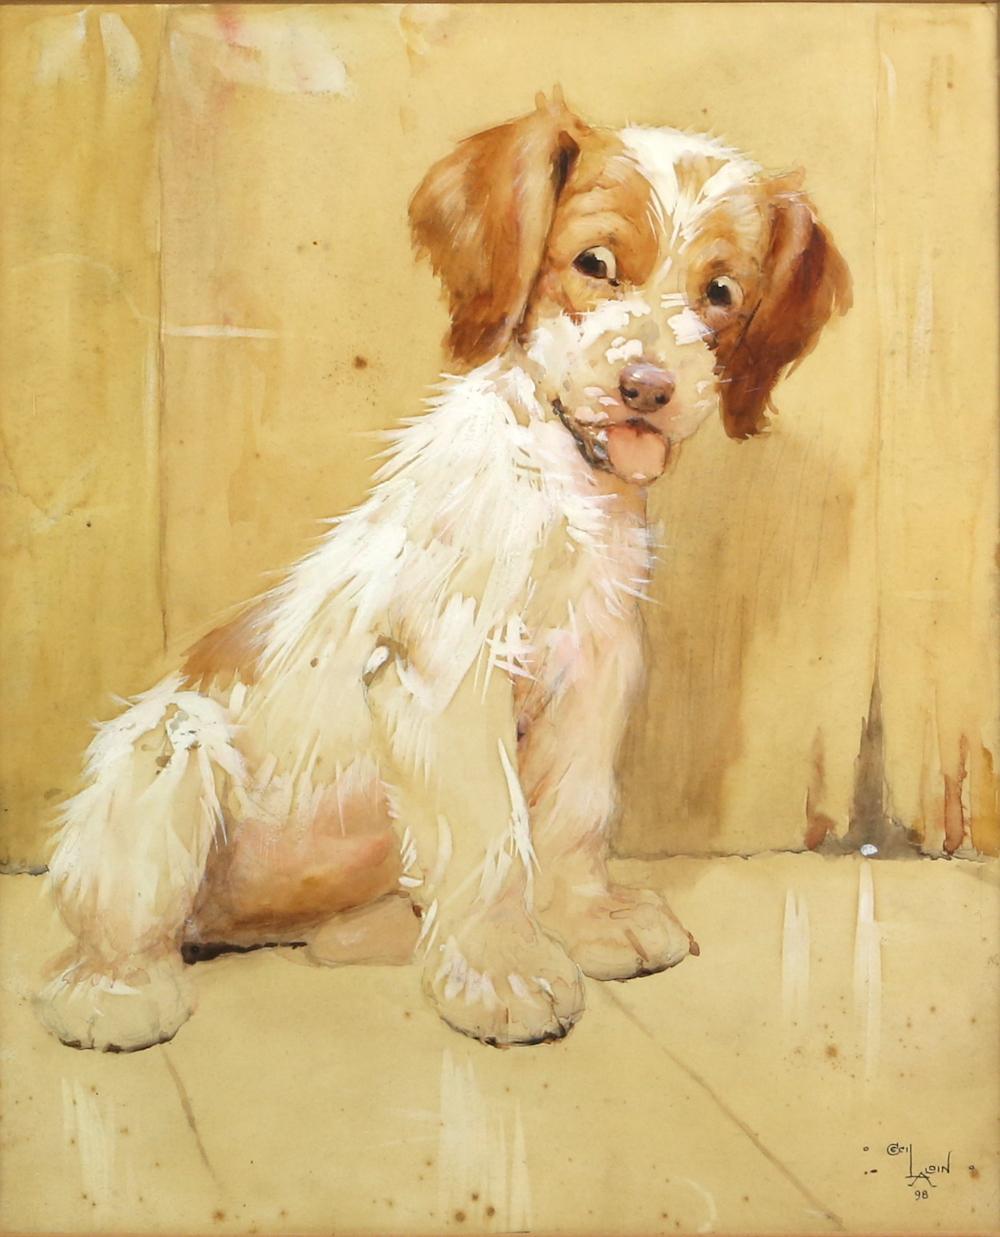 Cecil Aldin watercolour of a puppy